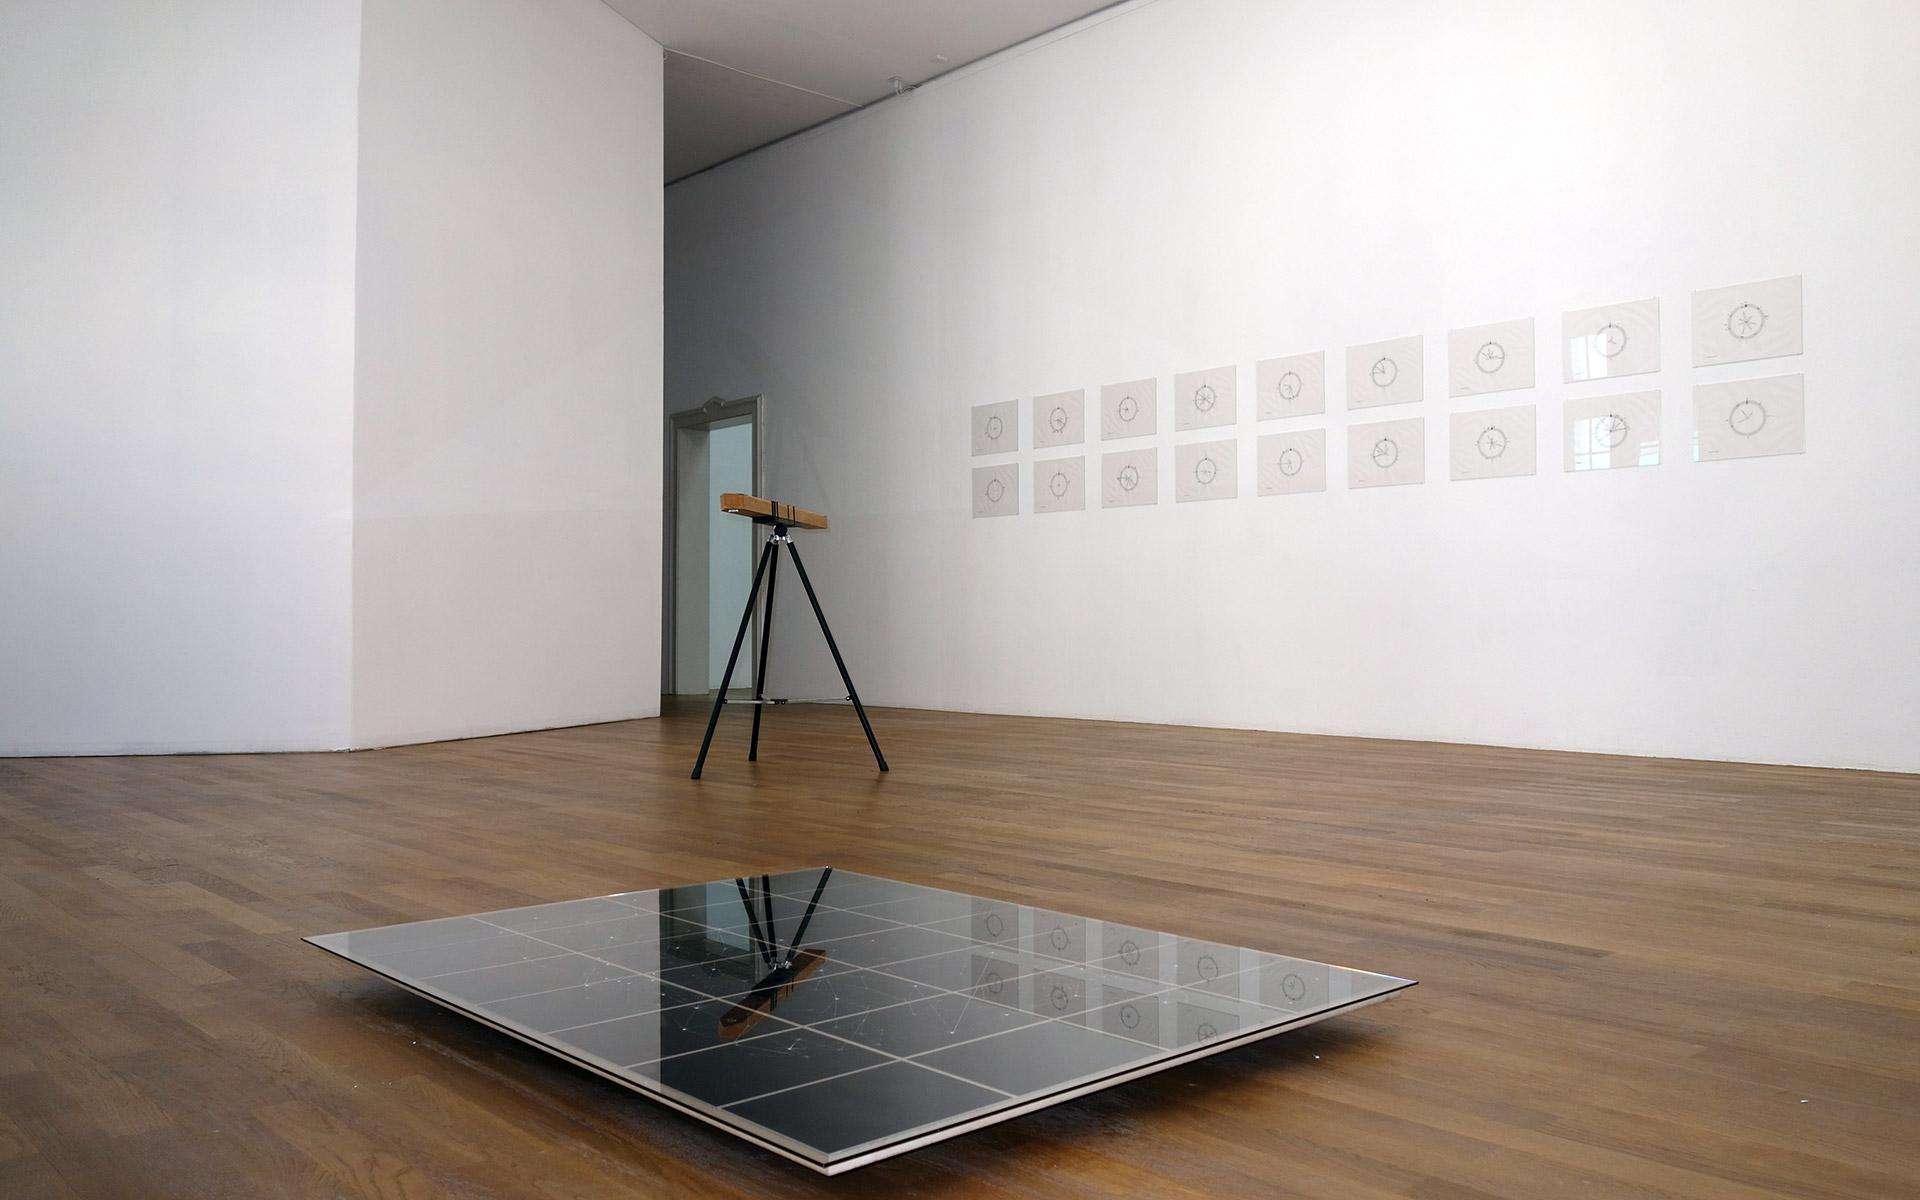 Kopie von Bignia-Wehrli-Kunsthalle-Winterthur-2018-2